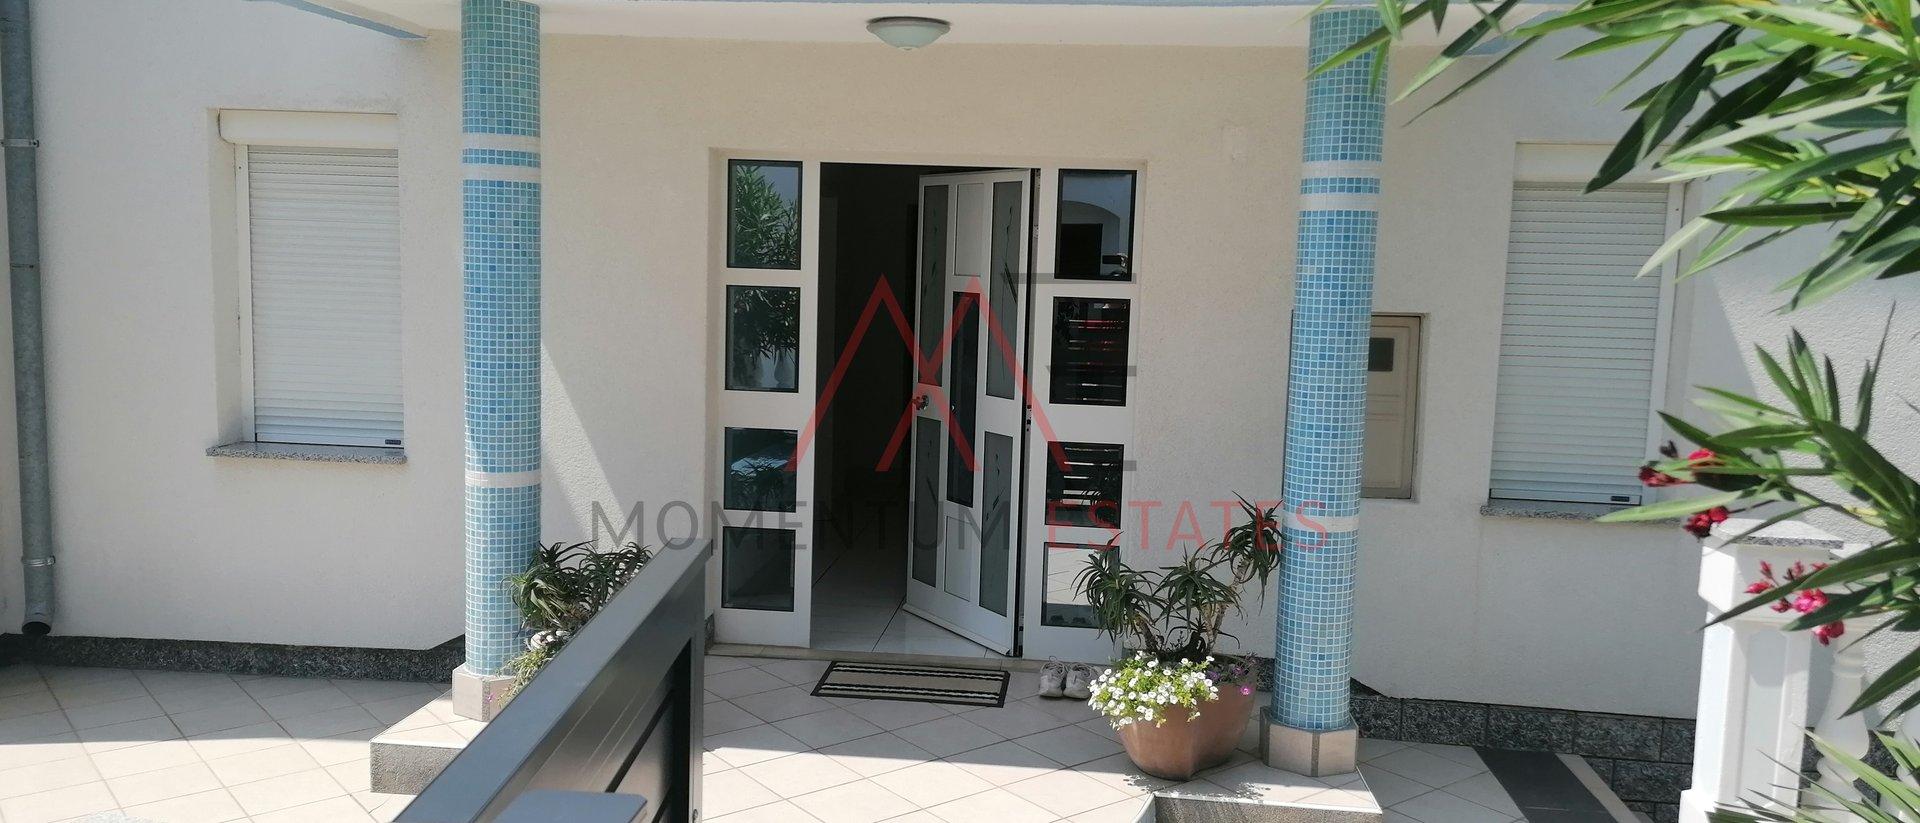 Hiša, 250 m2, Prodaja, Crikvenica